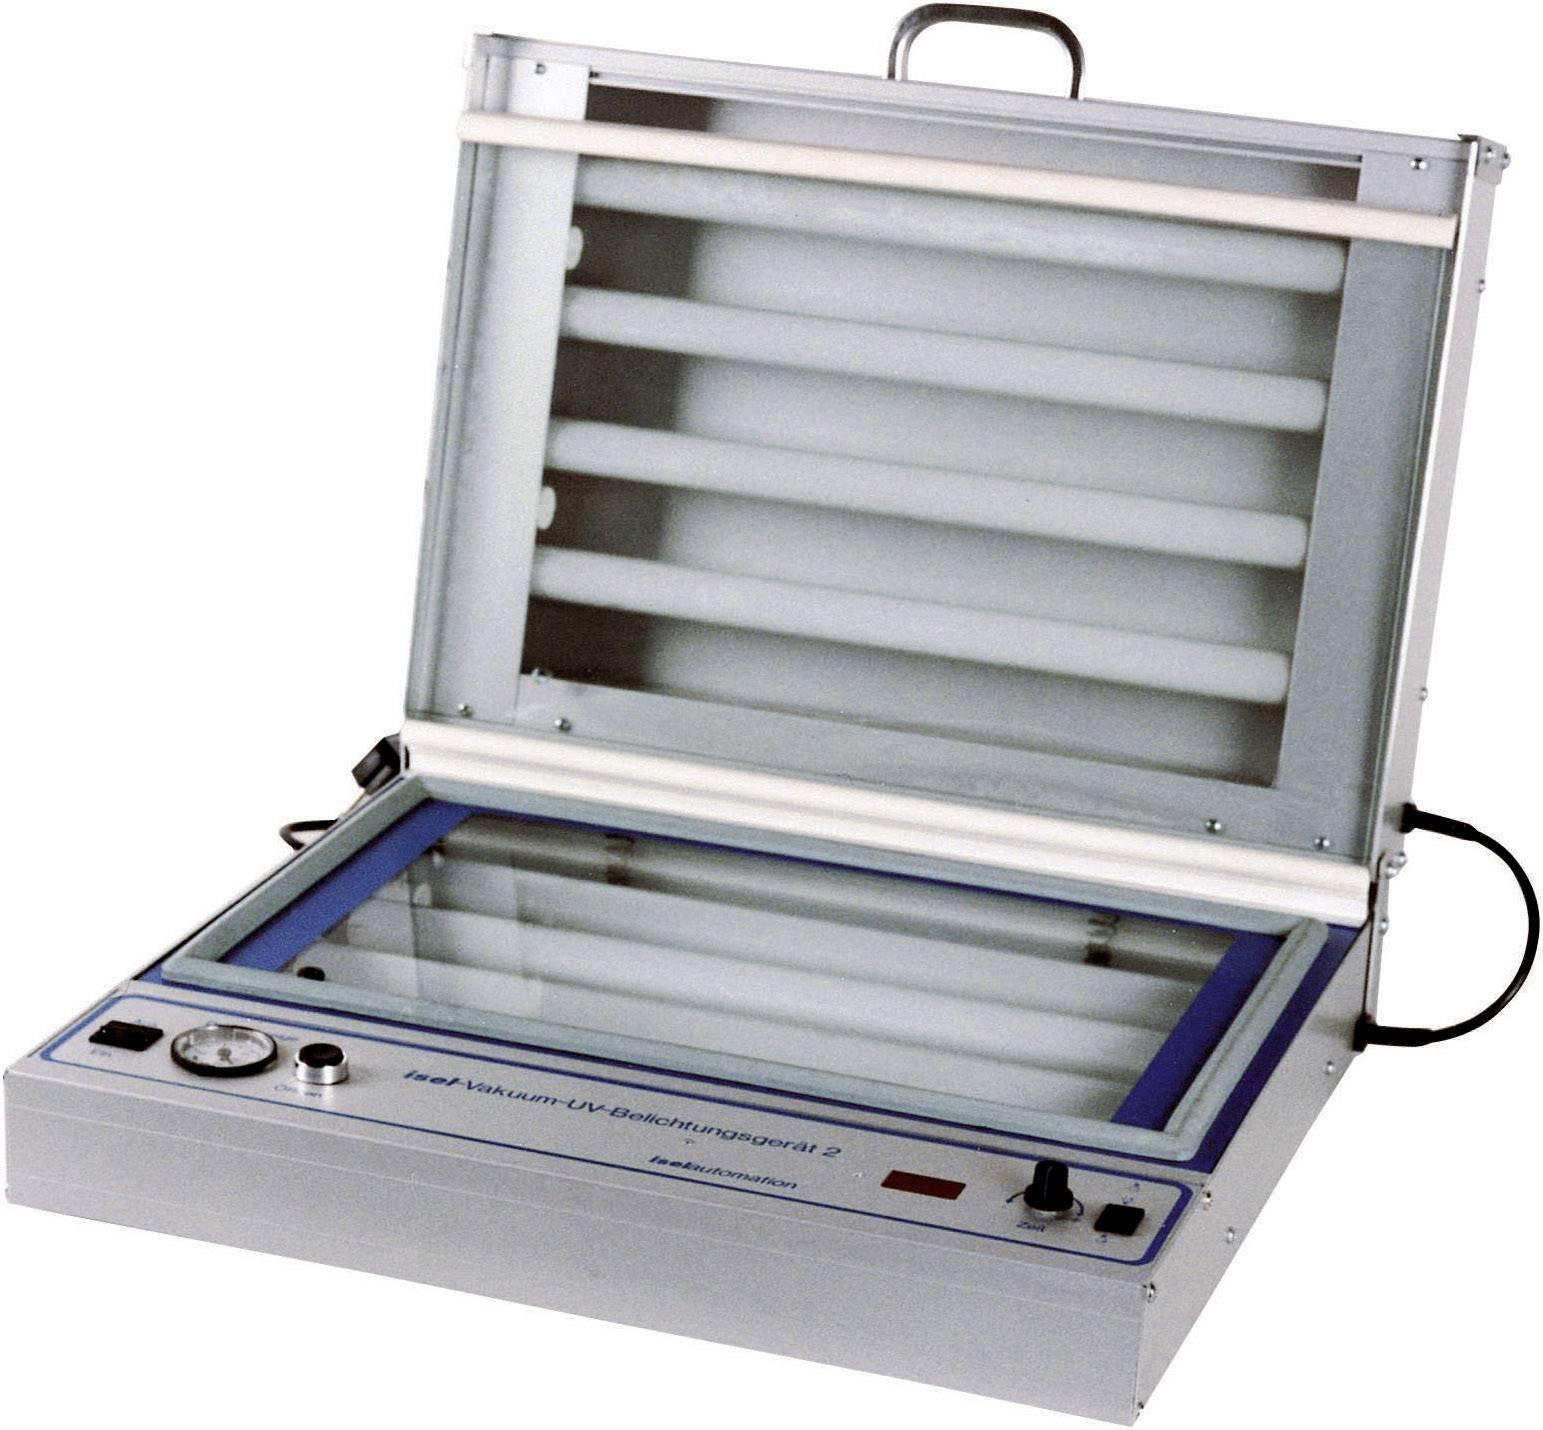 Vákuový osvetľovací prístroj 2 Proma 140002